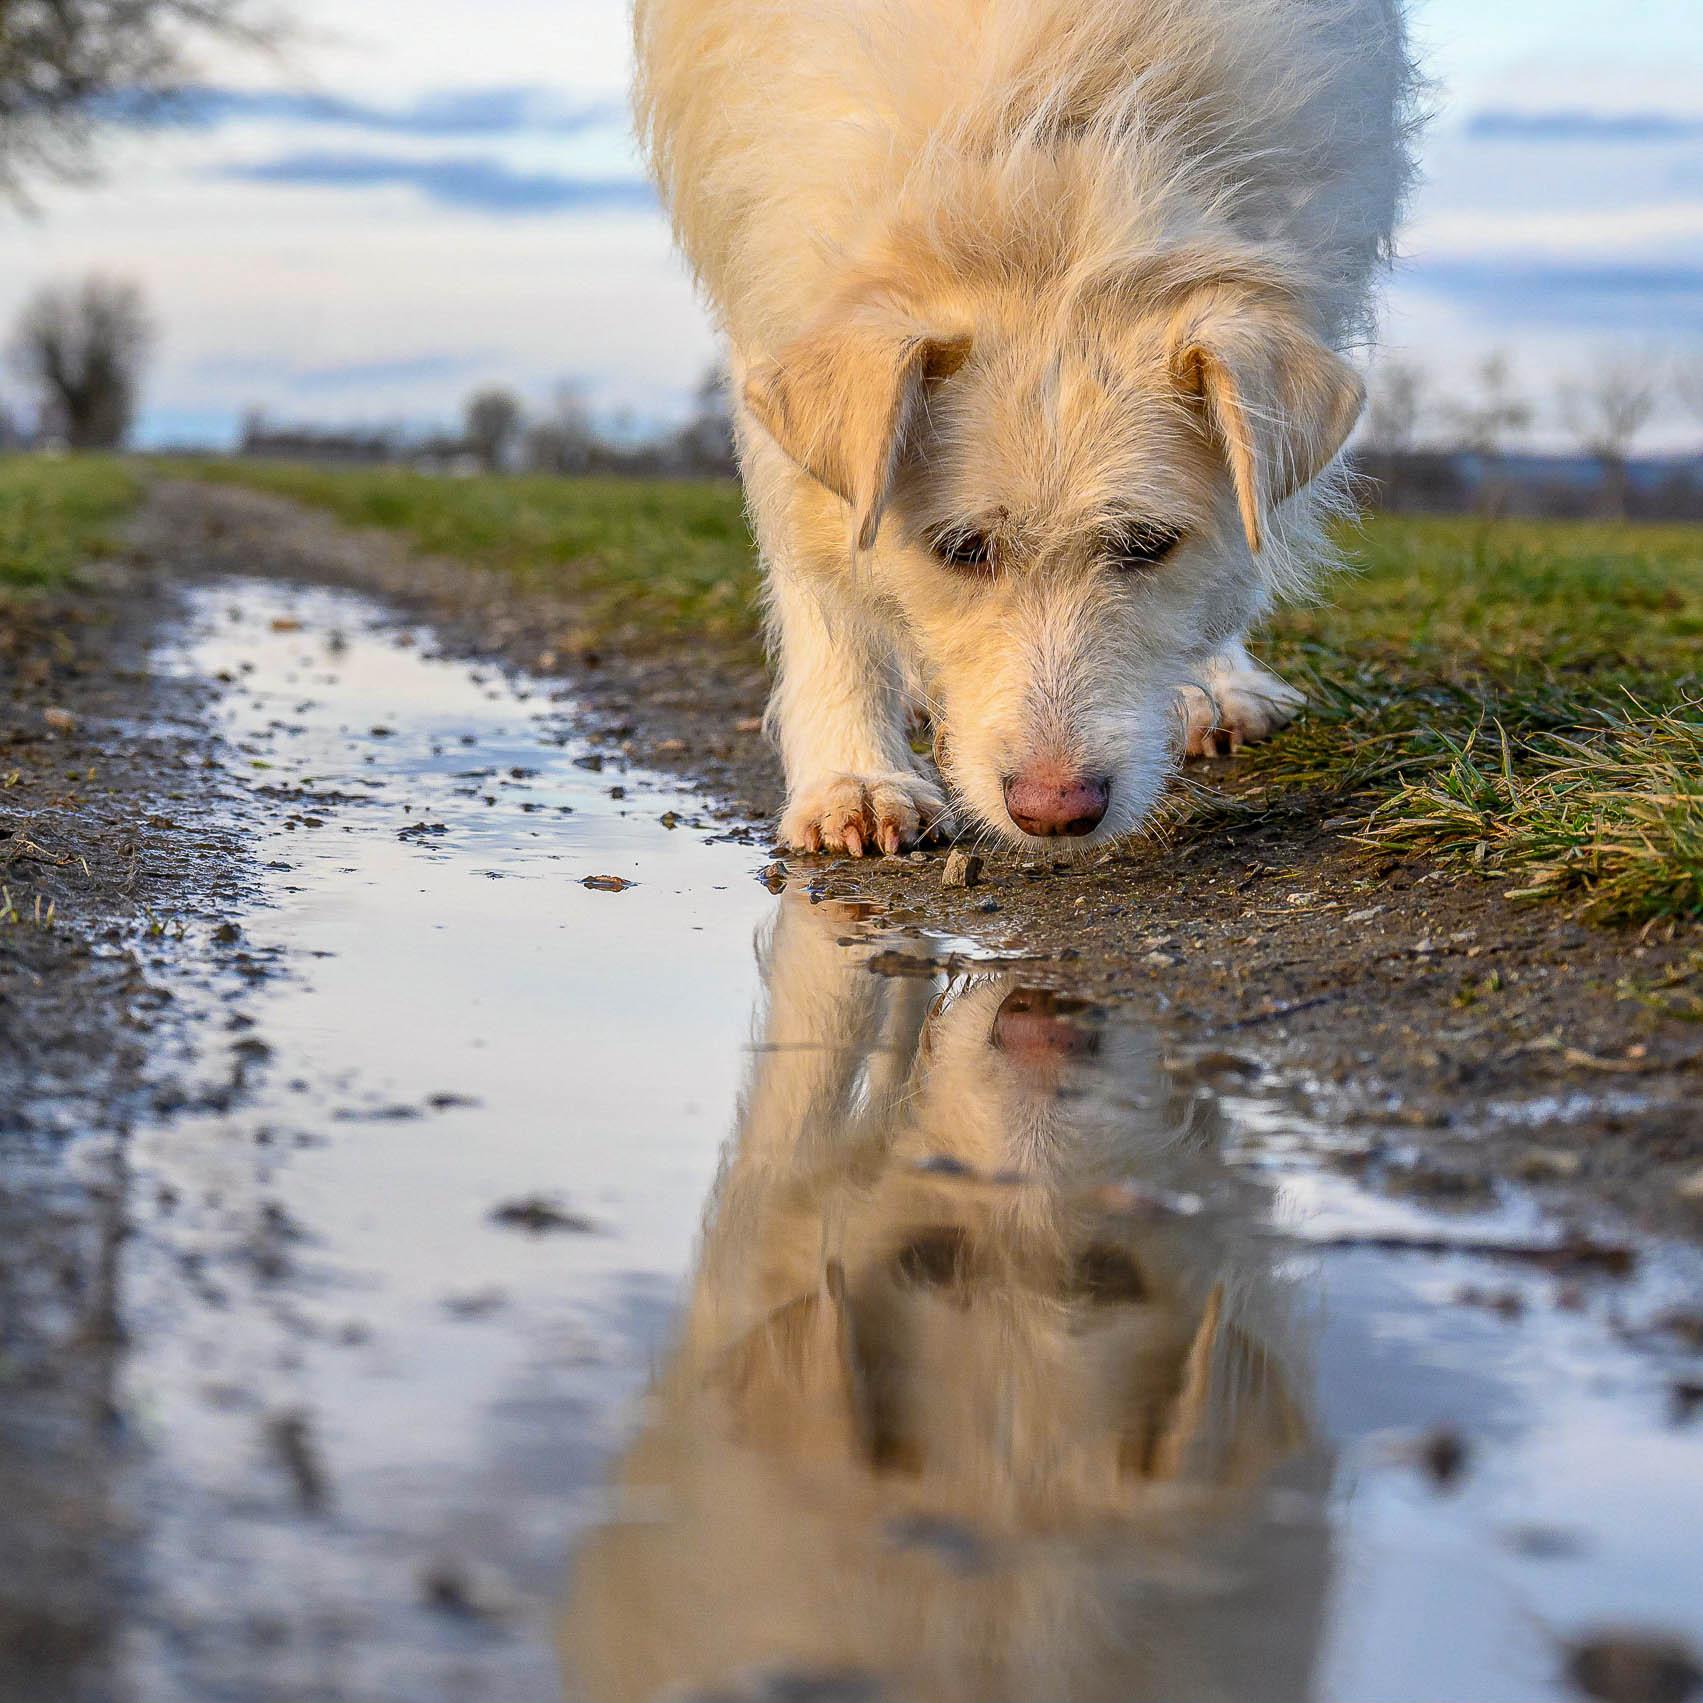 Hund spiegelt sich im Wasser einer Pfütze